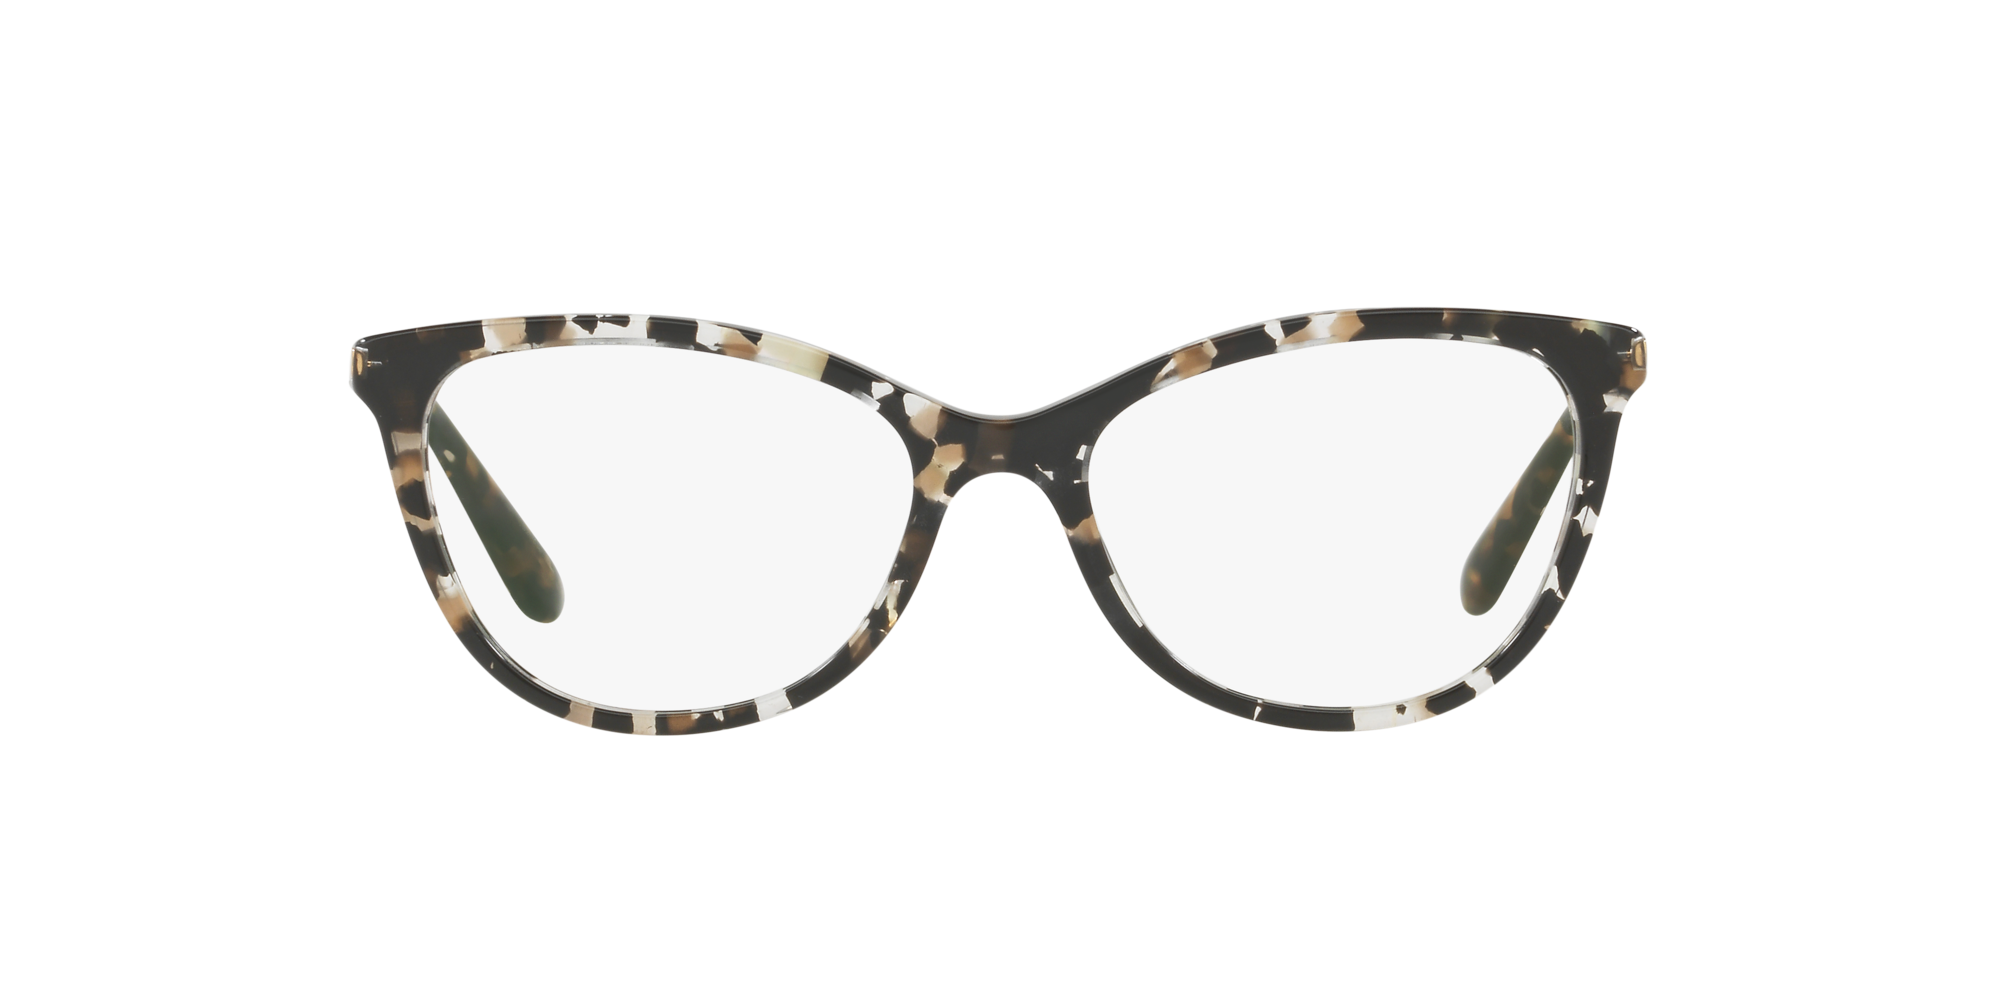 Imagen para DG3258 de LensCrafters |  Espejuelos, espejuelos graduados en línea, gafas